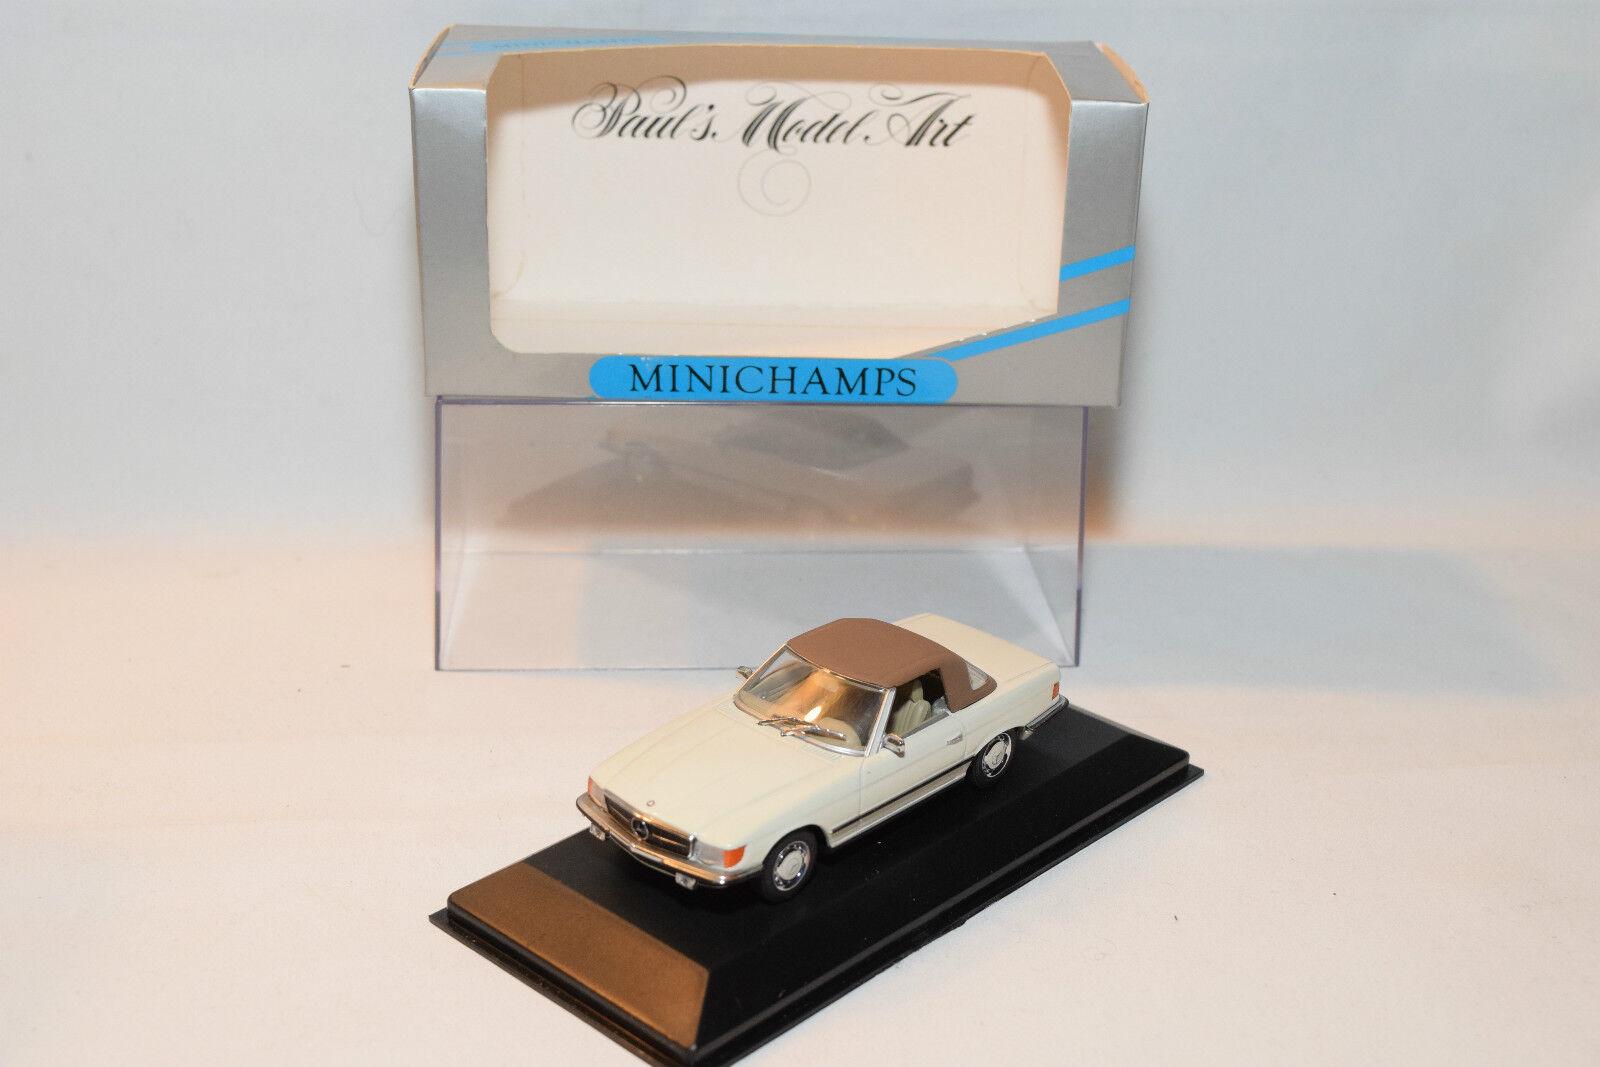 . MINICHAMPS MERCEDES BENZ 350SL 350 SL CABRIOLET SOFT TOP CLOSED MINT BOXED